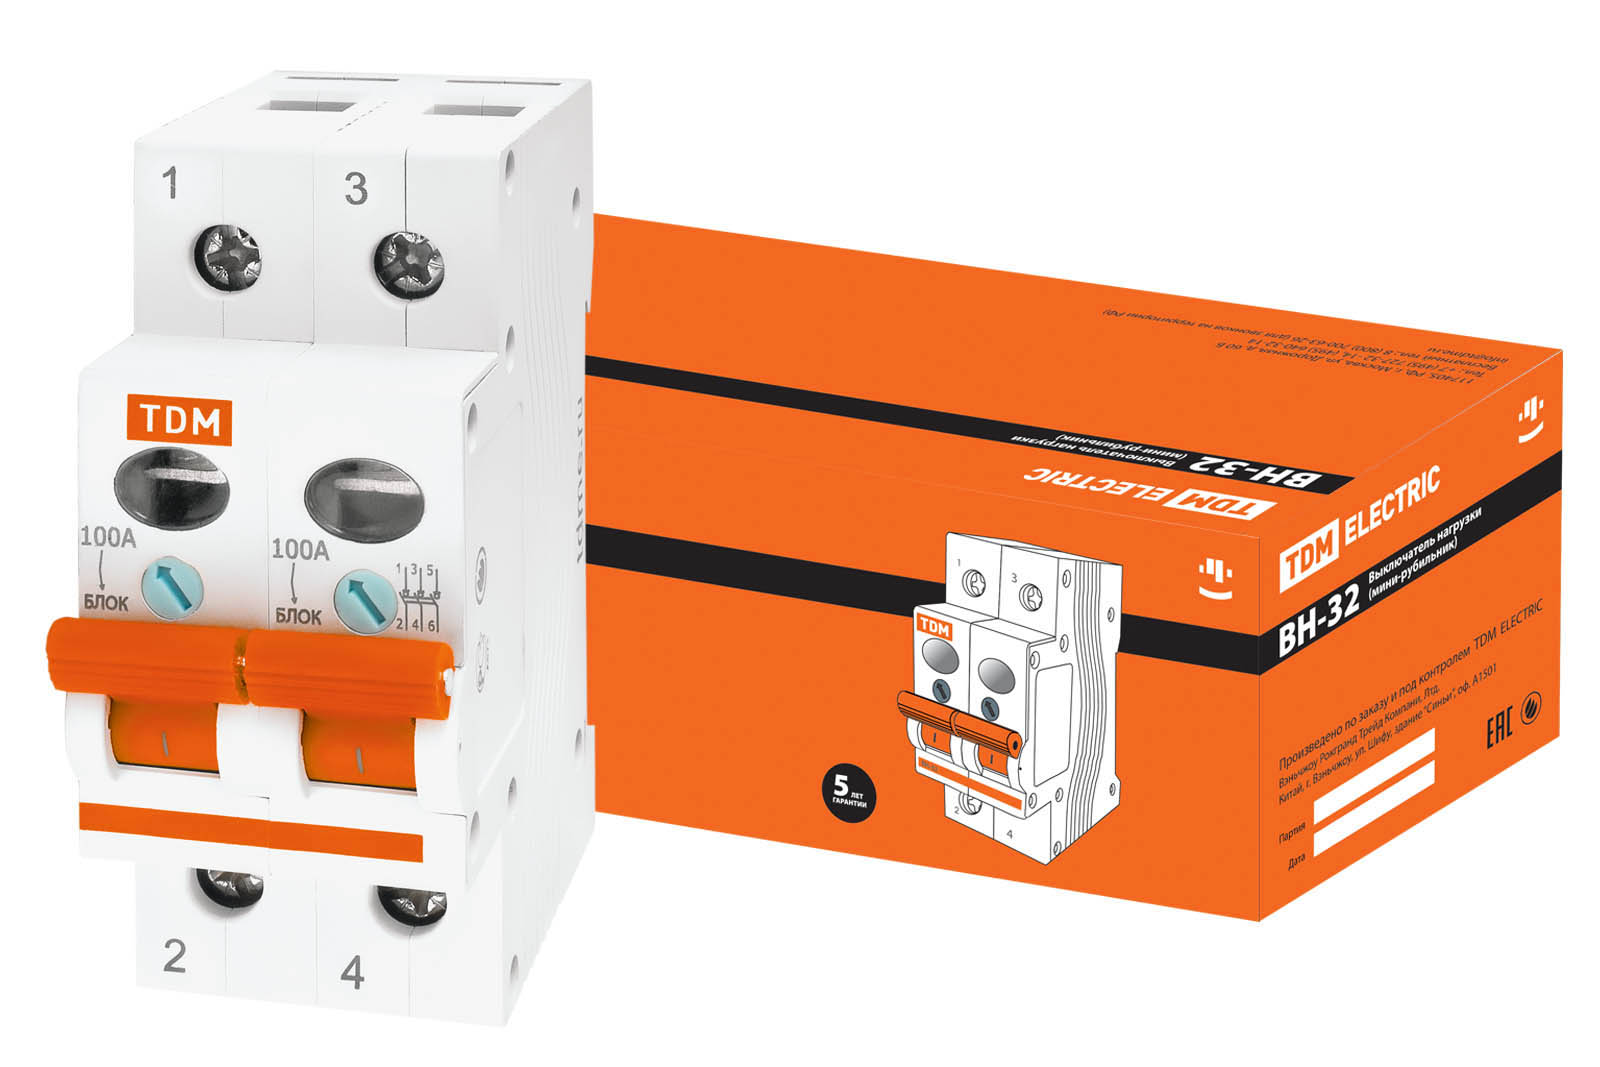 Рубильник ТДМАвтоматические выключатели<br>Номинальный ток: 125, Тип выключателя: рубильник, Количество полюсов: 1, Степень защиты от пыли и влаги: IP 20<br>